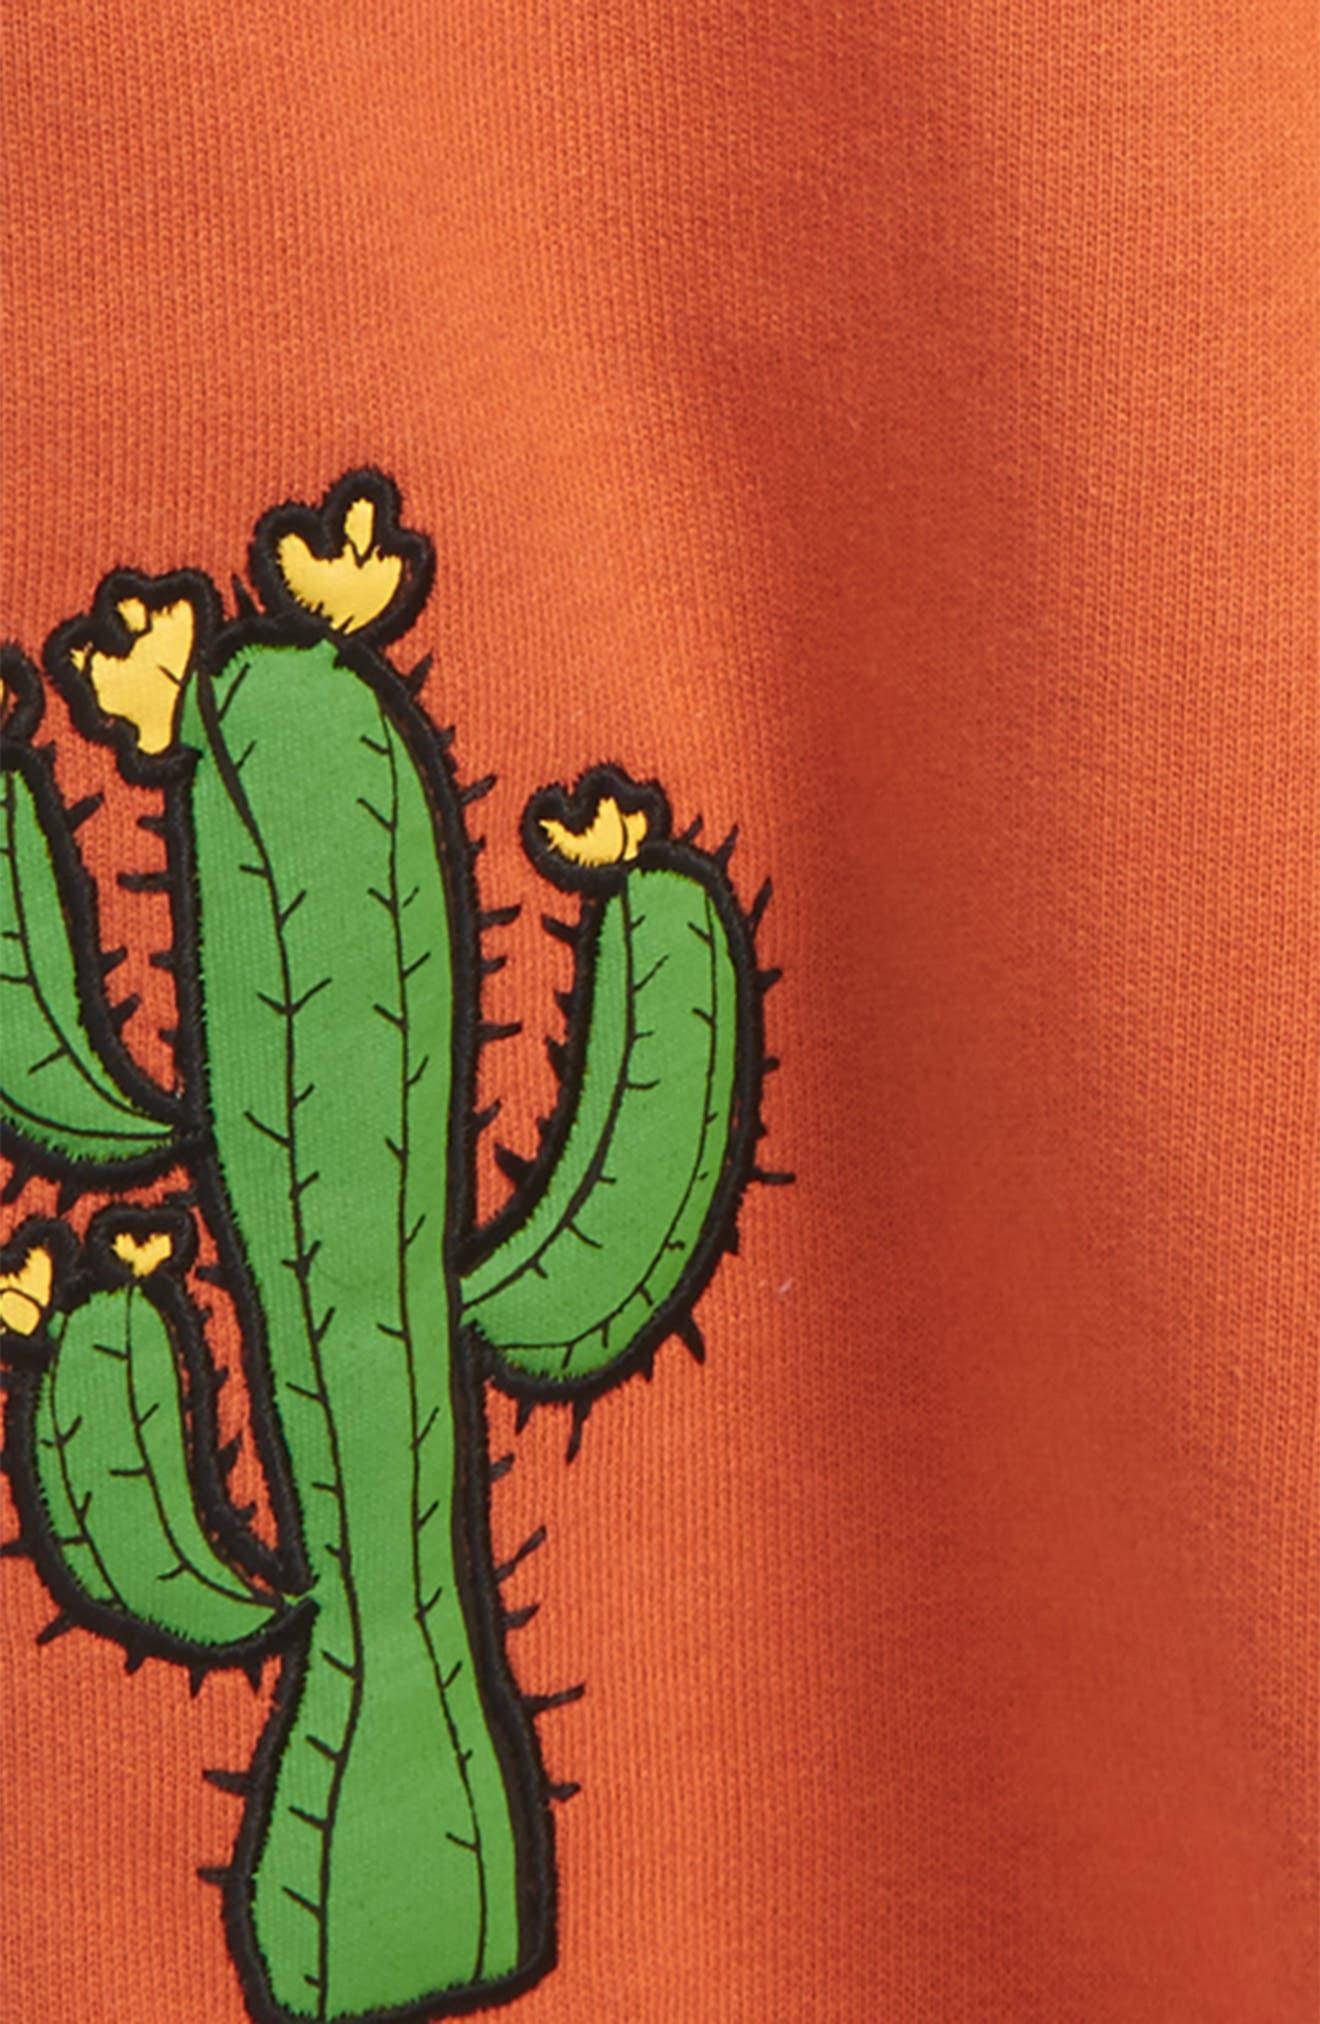 Donkey & Cactus Appliqué Organic Cotton Sweatshirt,                             Alternate thumbnail 2, color,                             800